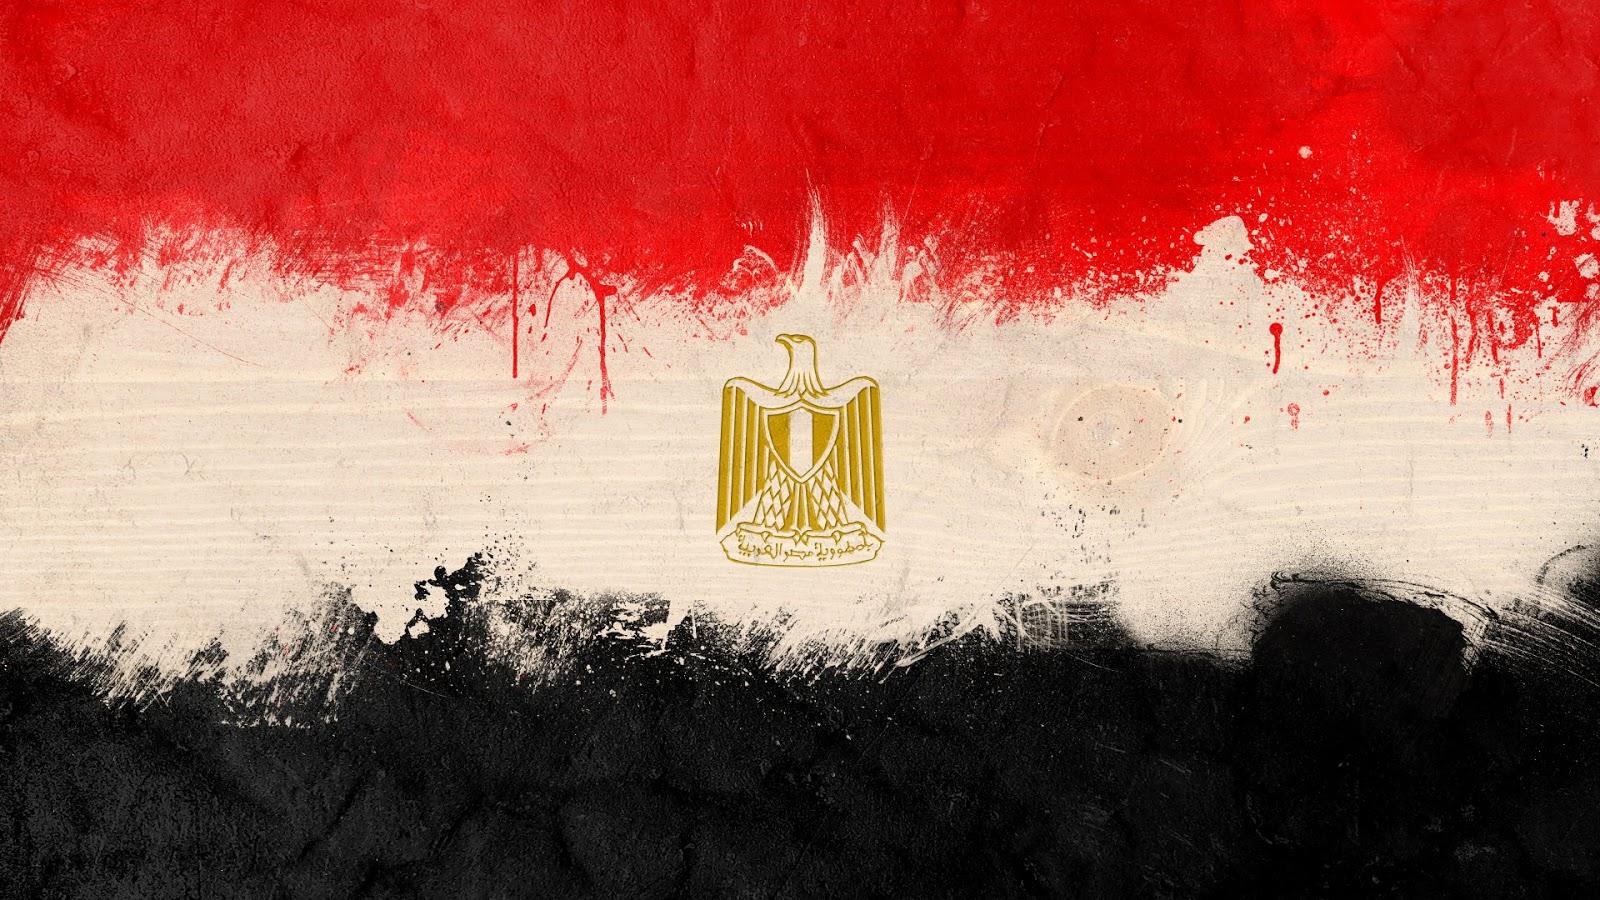 مصر تطالب إسرائيل